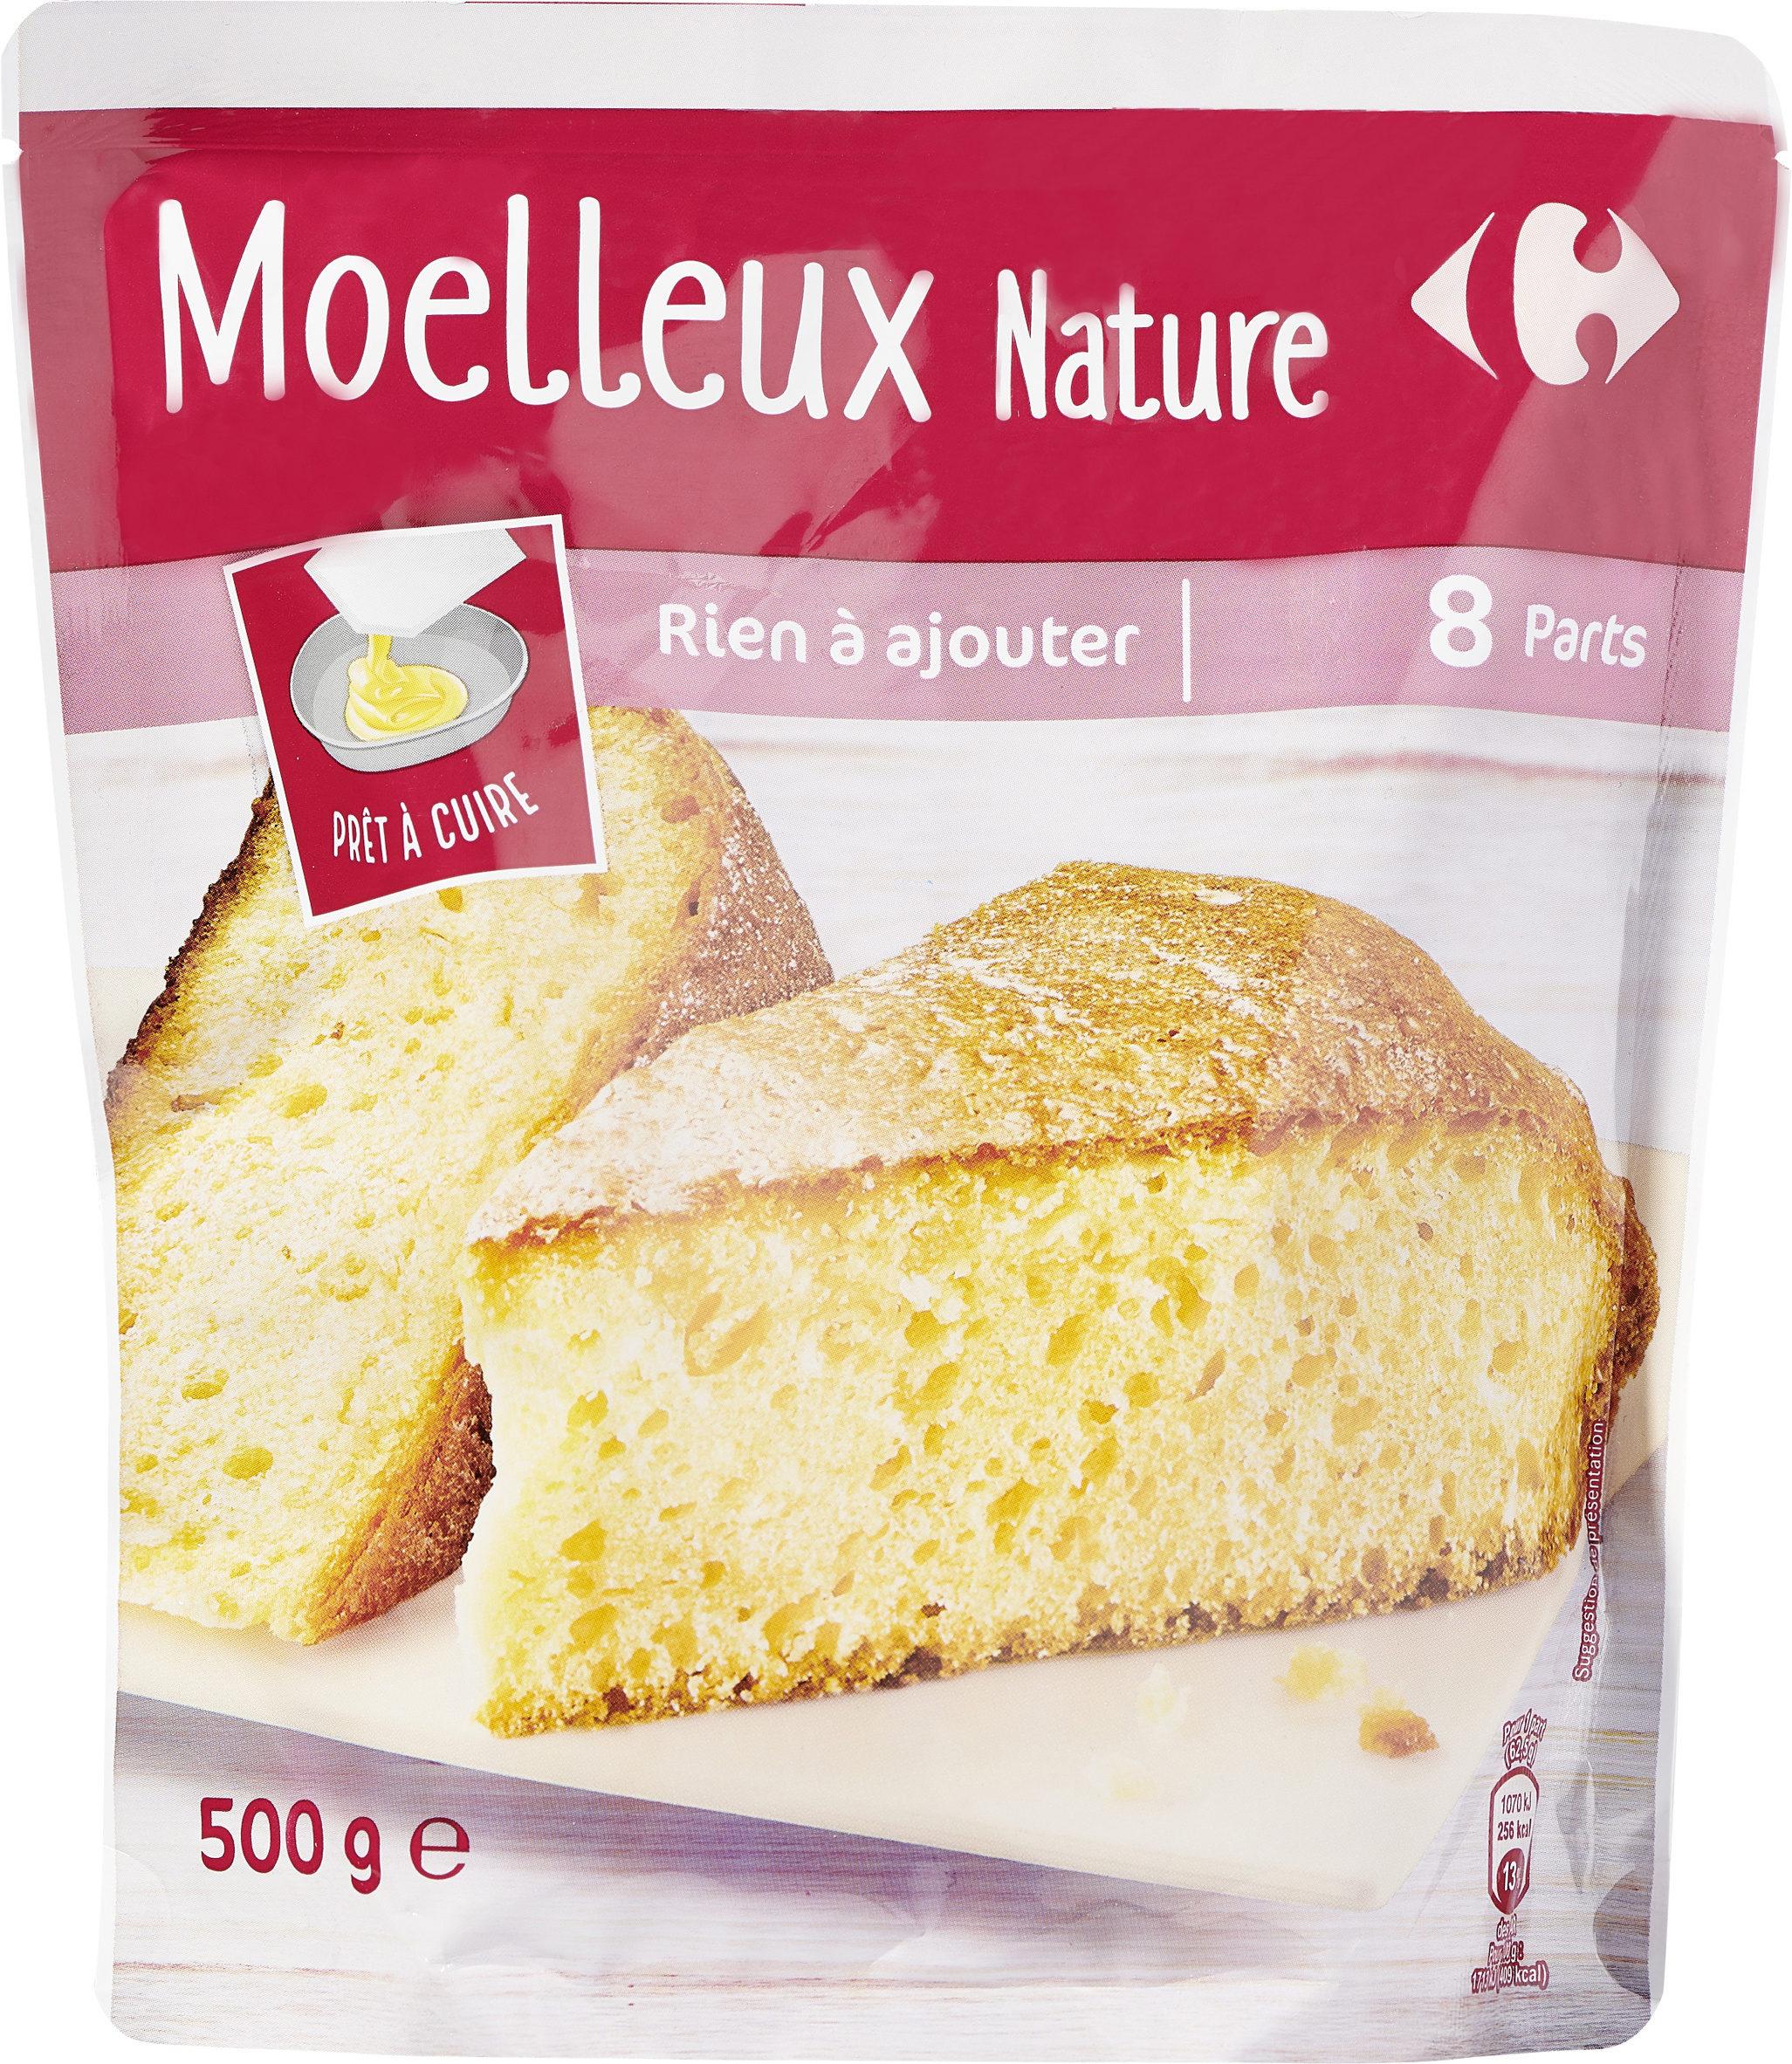 Moelleux Nature - Produit - fr